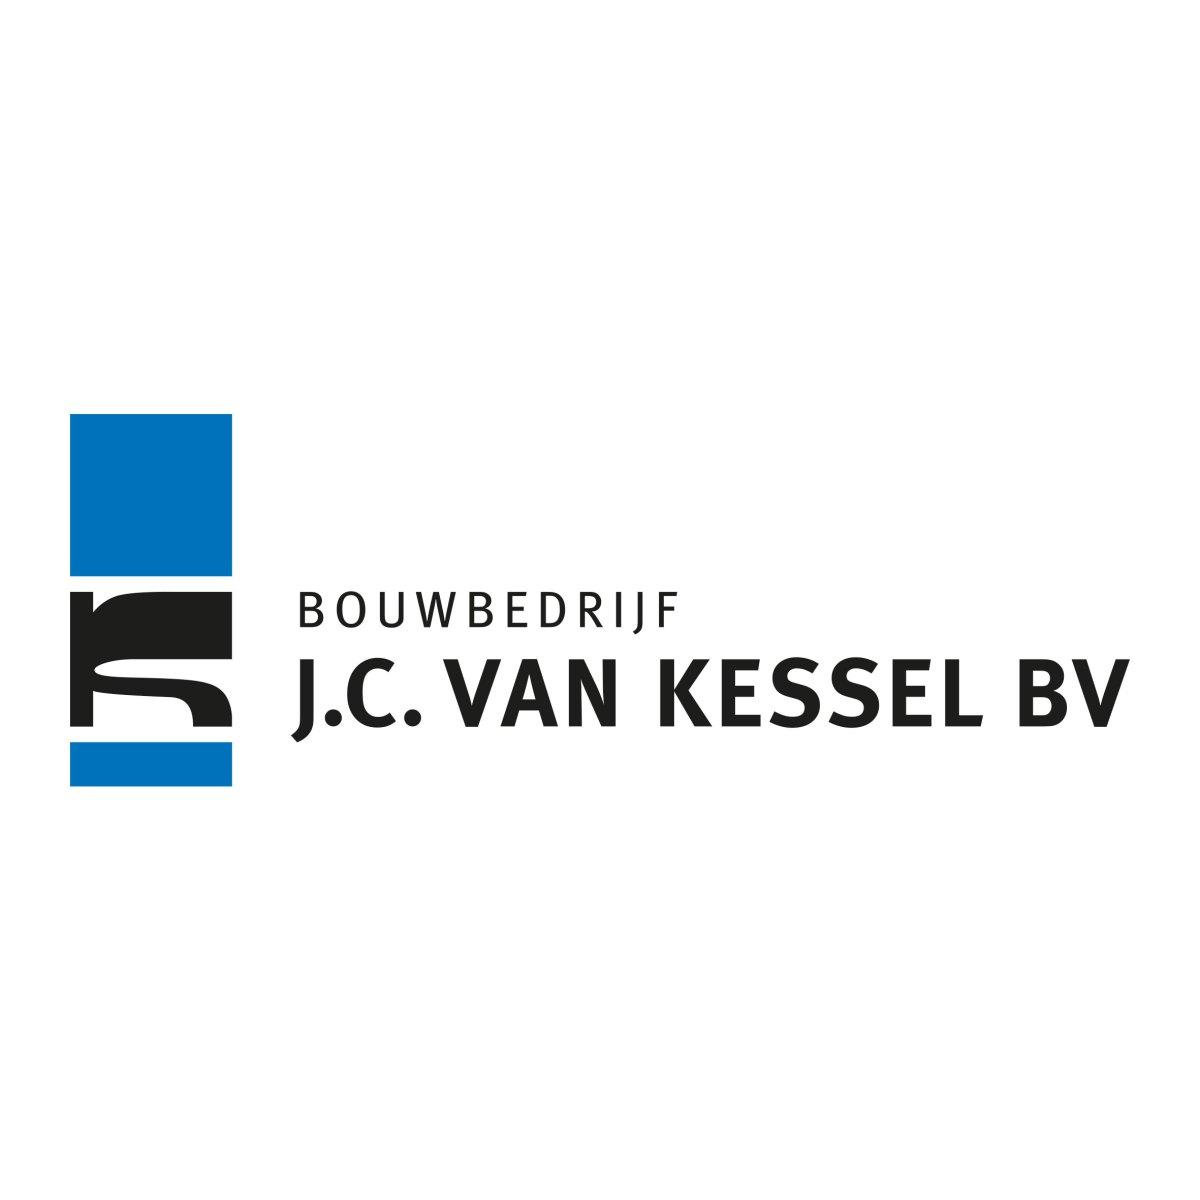 J.C. van Kessel BV - Sponsor - GTV Ammerzoden